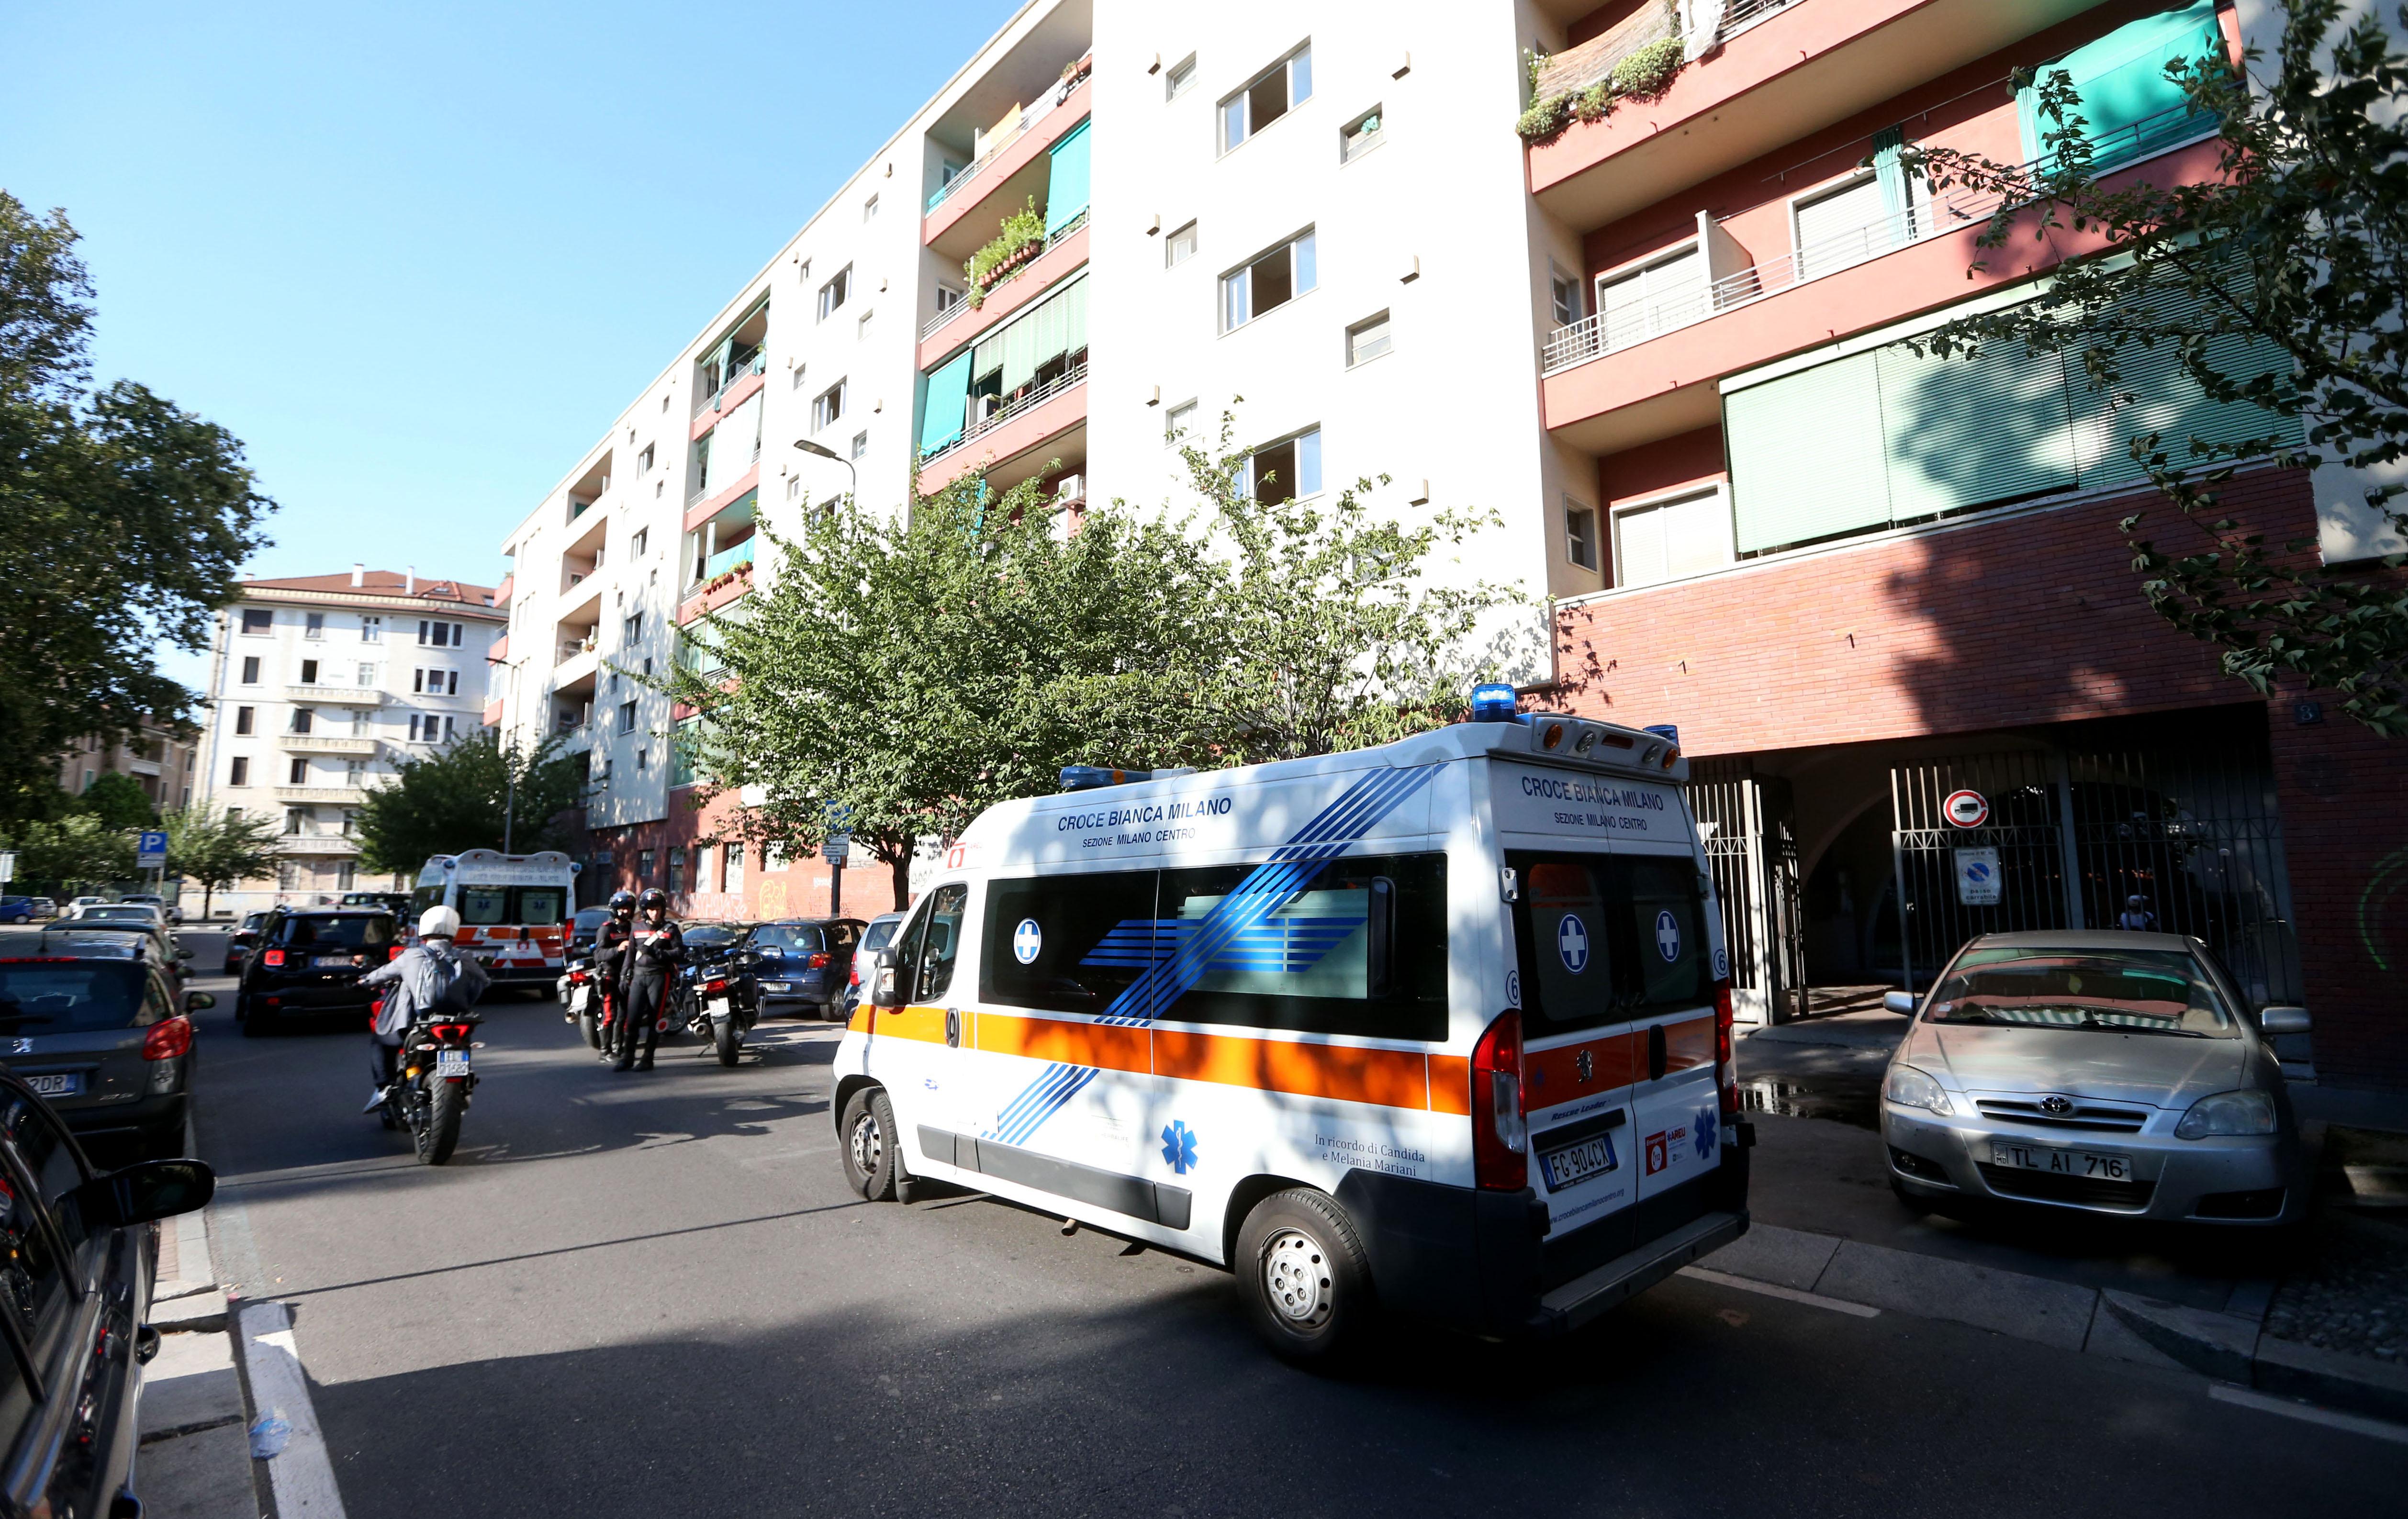 Teme pignoramento della casa 90enne spara e uccide tecnico - Pignoramento casa invalidi ...